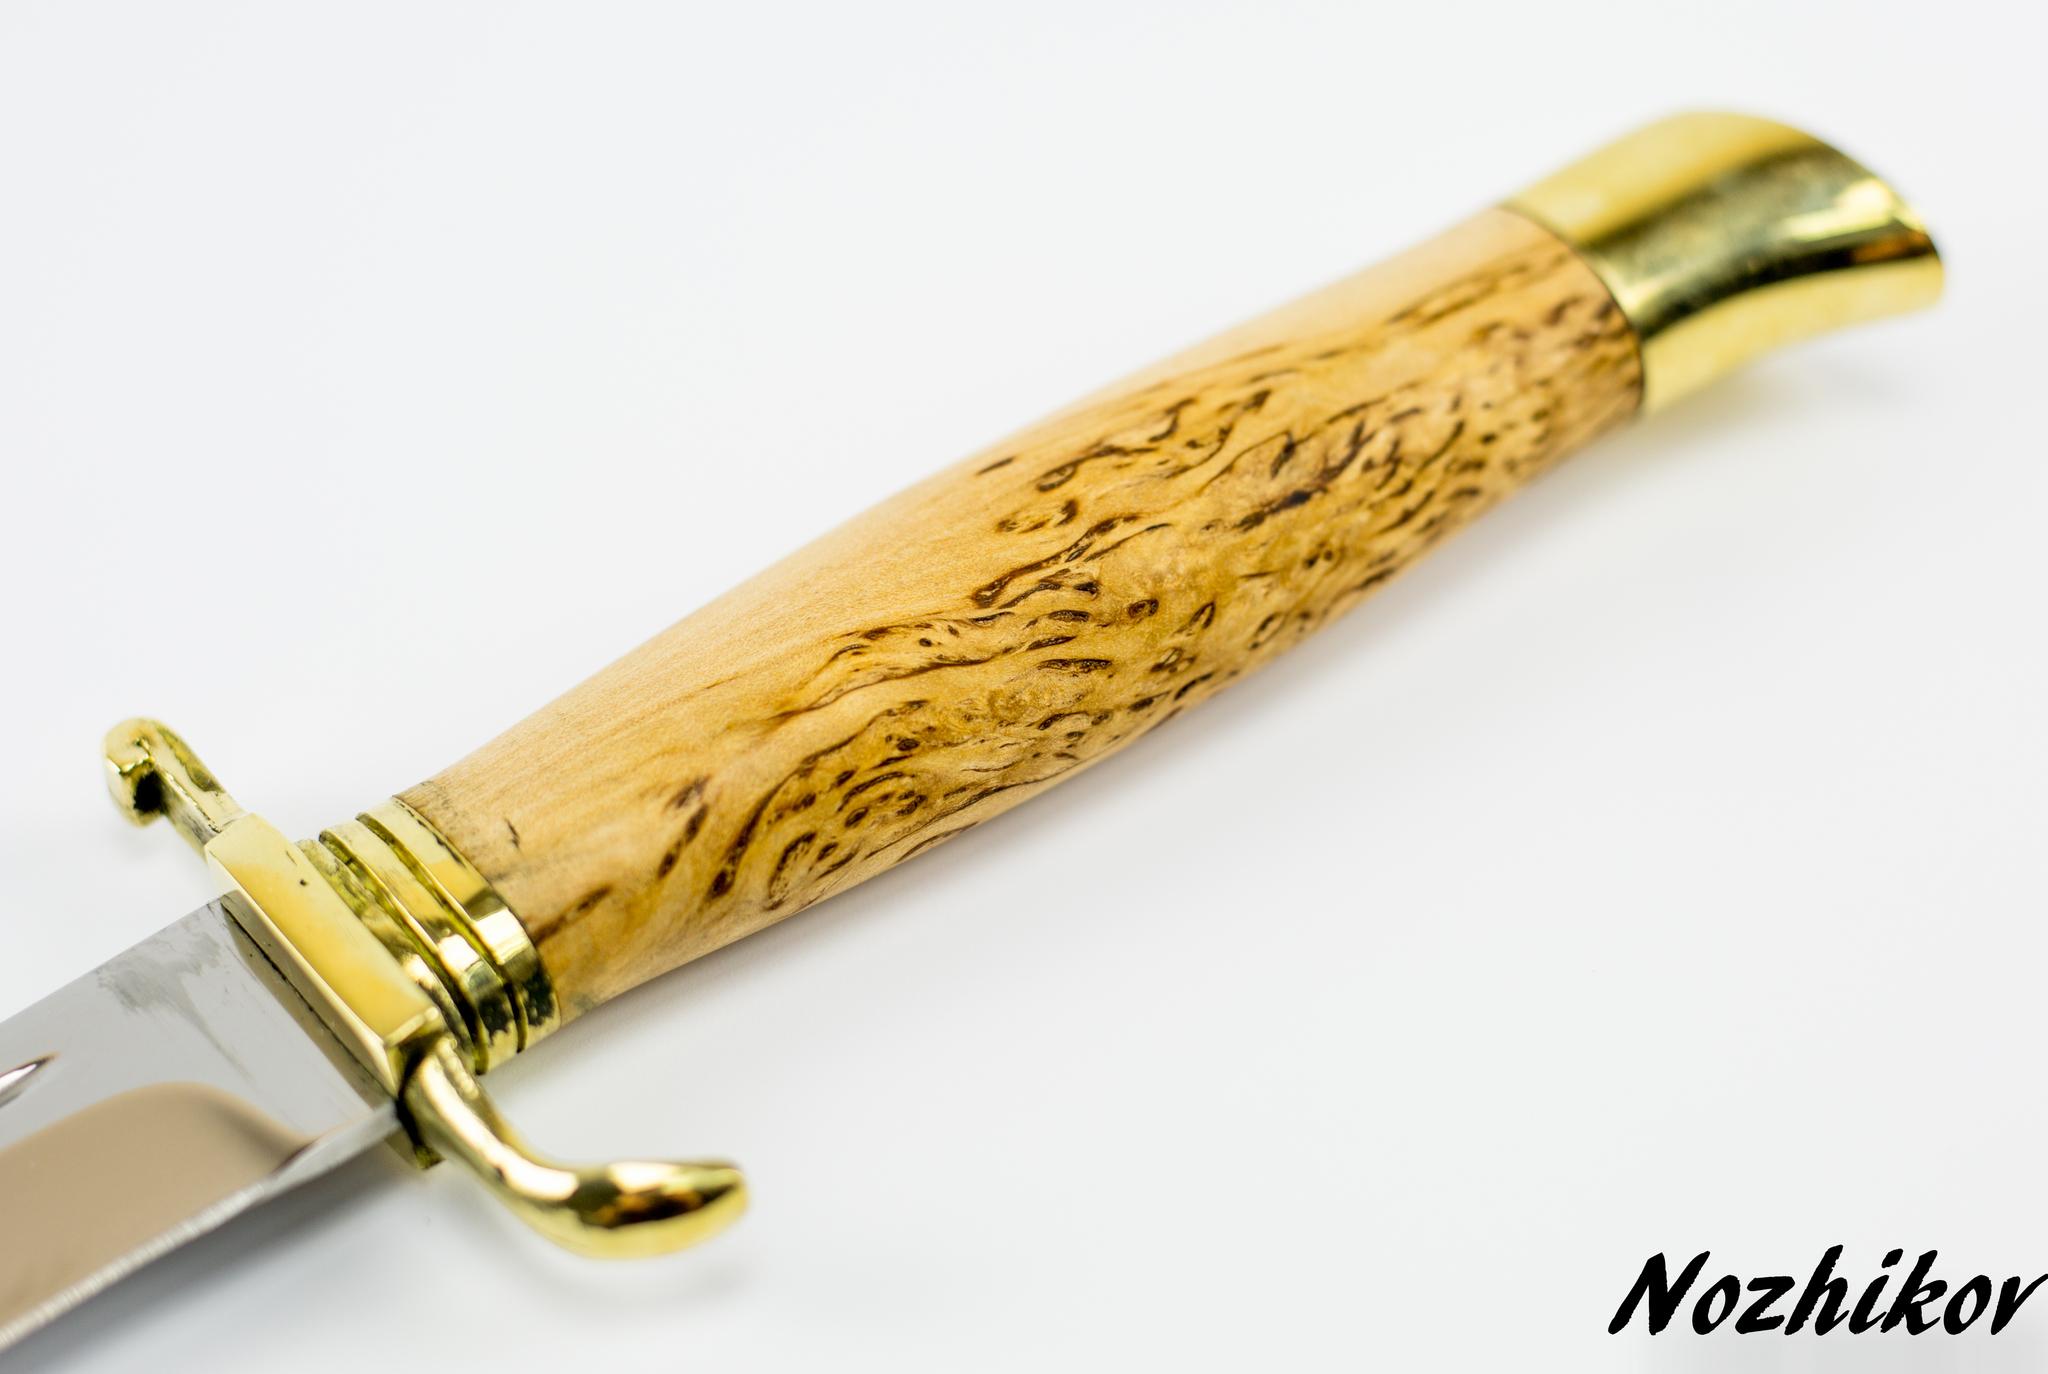 Фото 4 - Нож Финка НКВД, сталь 95х18, карельская береза от Промтехснаб